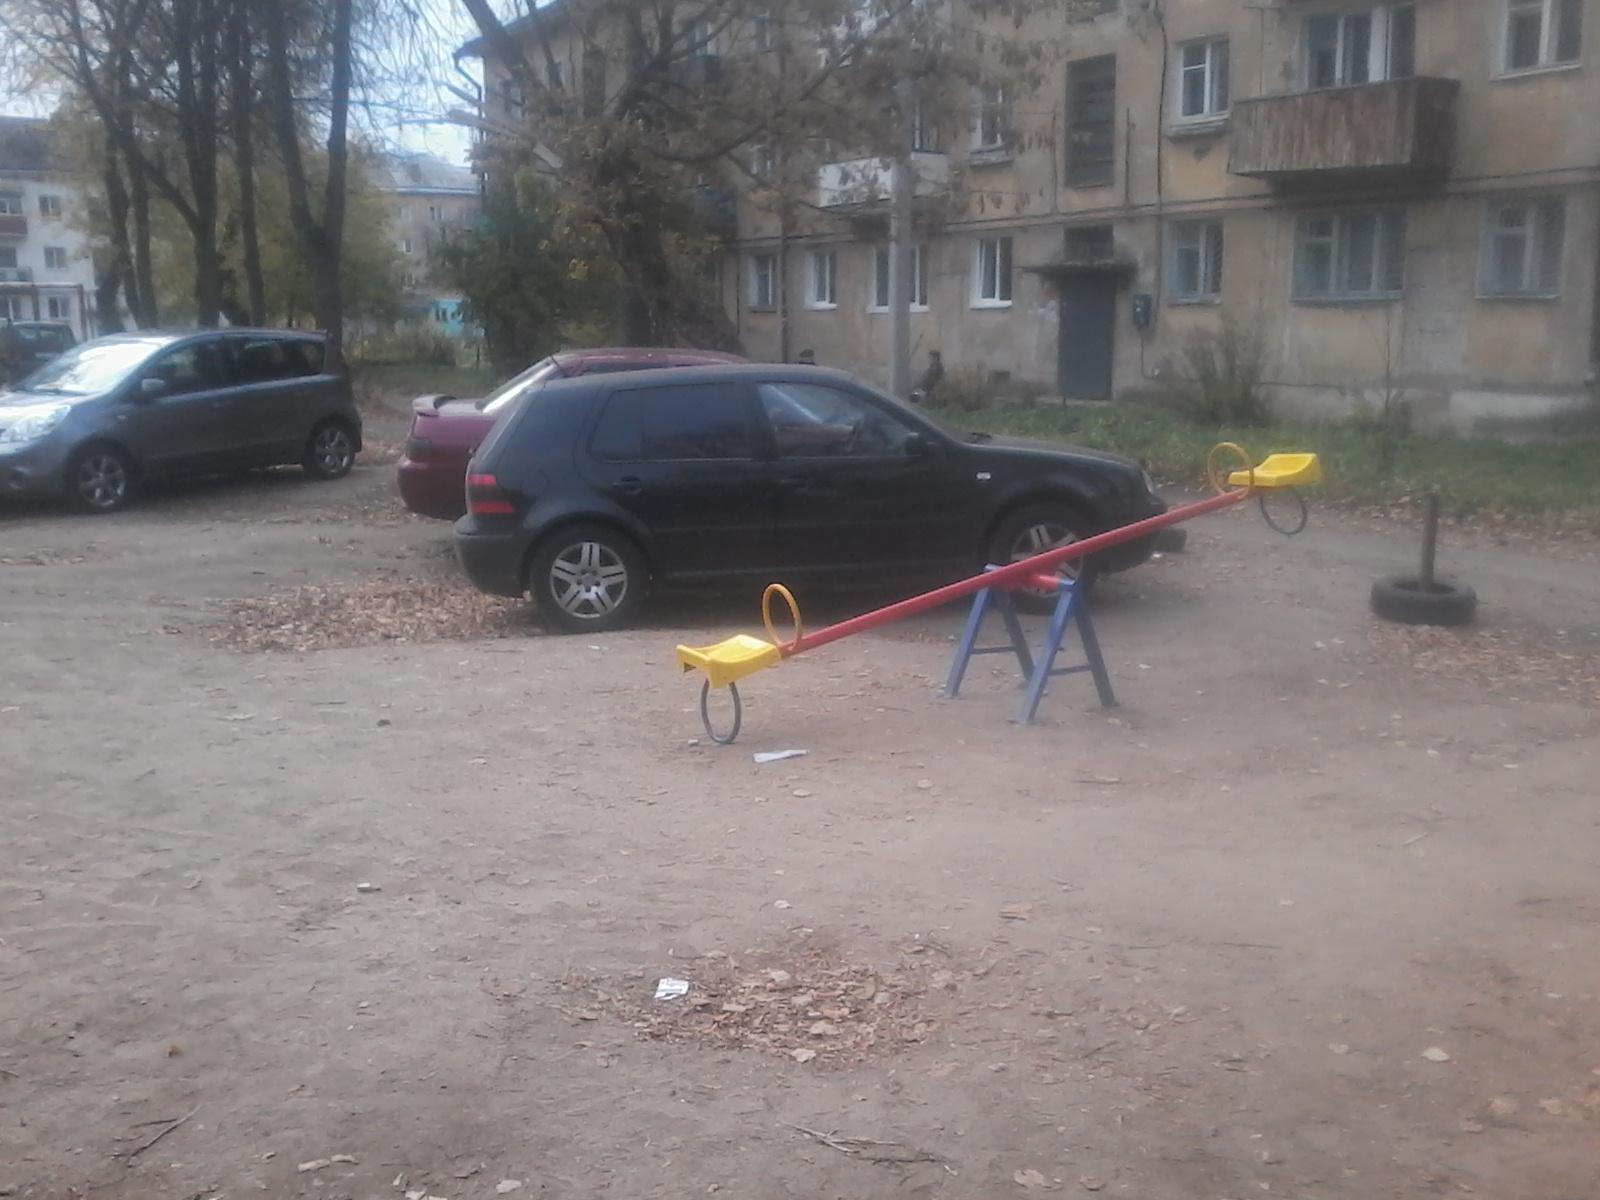 Не поймешь, где парковка, а где детская площадка!